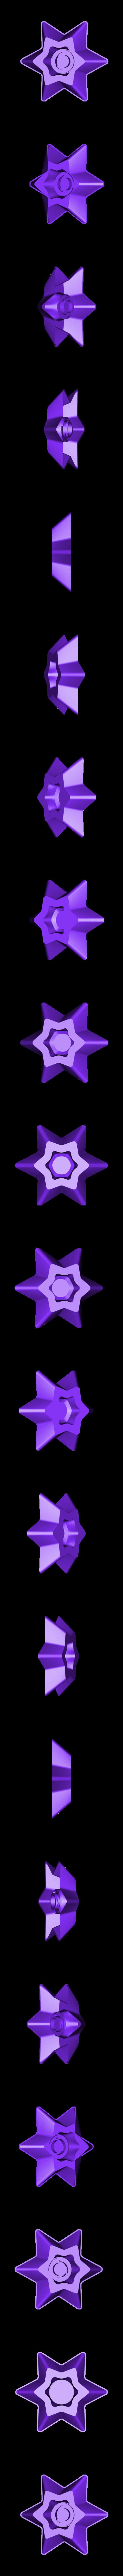 Vorderseite_06.stl Télécharger fichier STL gratuit Étoiles pour la décoration de Noël - lumière LED • Plan pour imprimante 3D, ewap